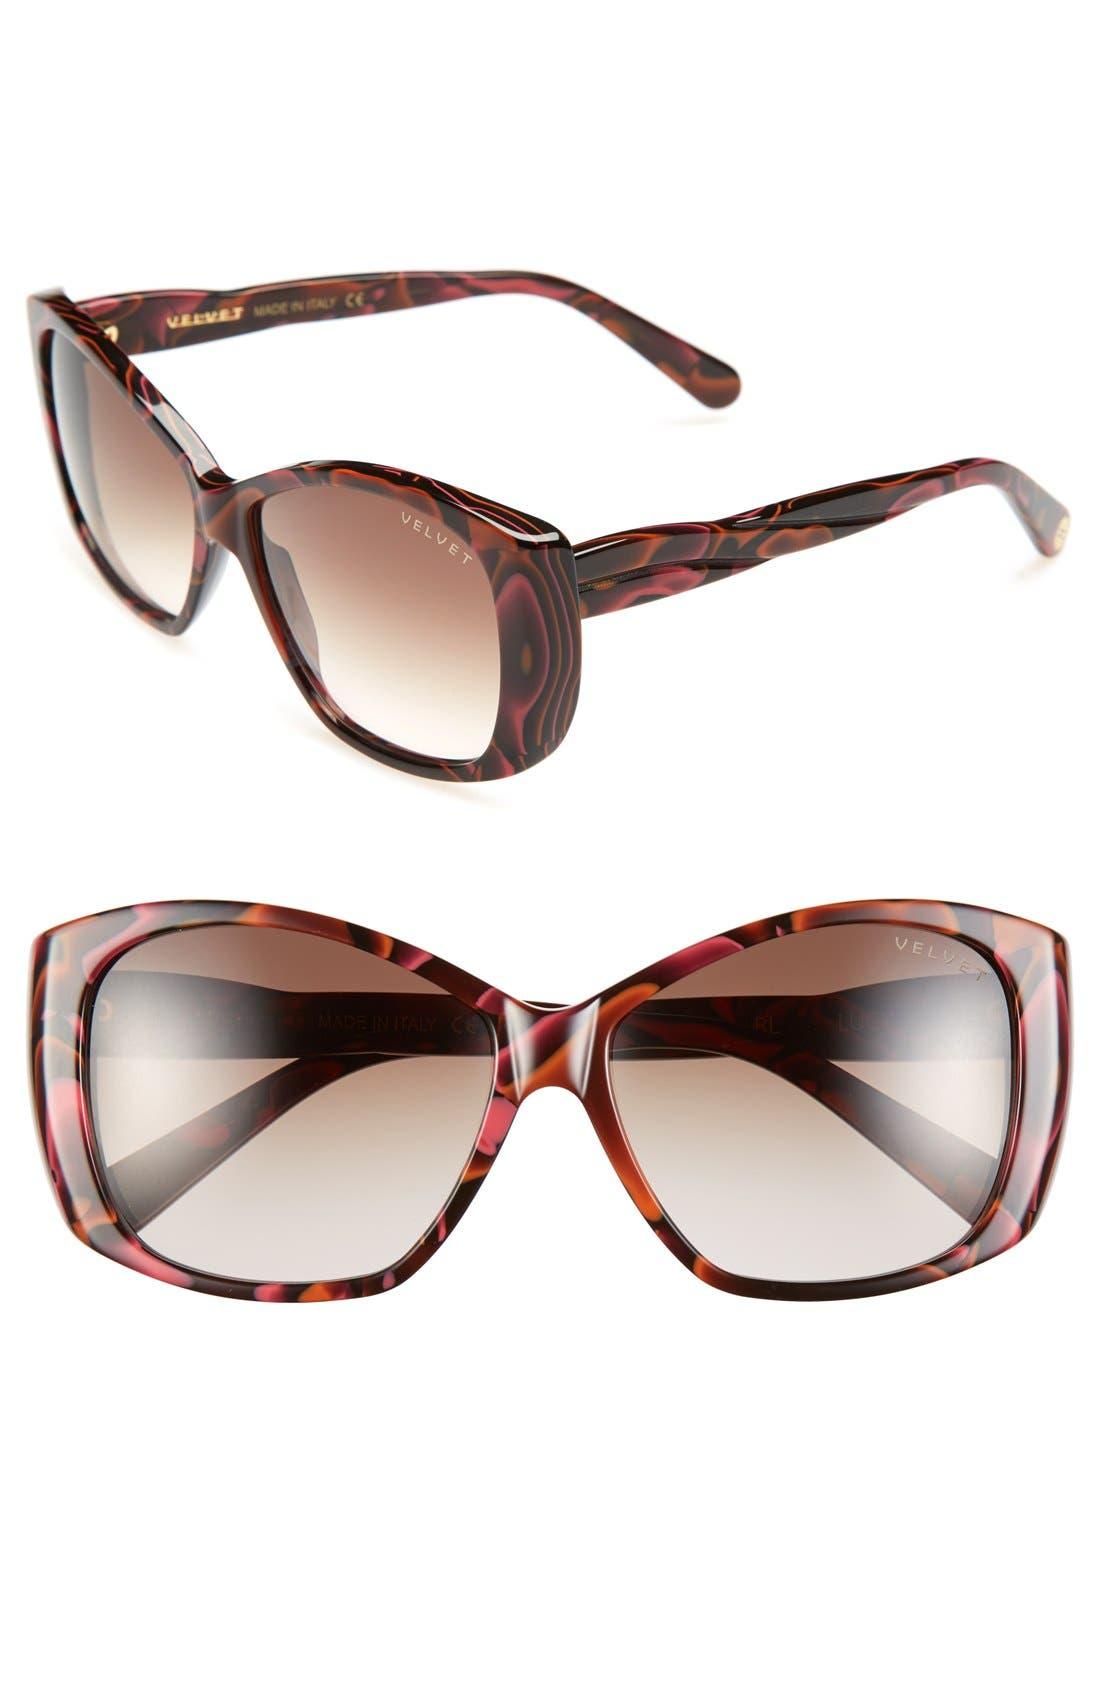 Alternate Image 1 Selected - Velvet Eyewear 'Lucy' 56mm Butterfly Sunglasses